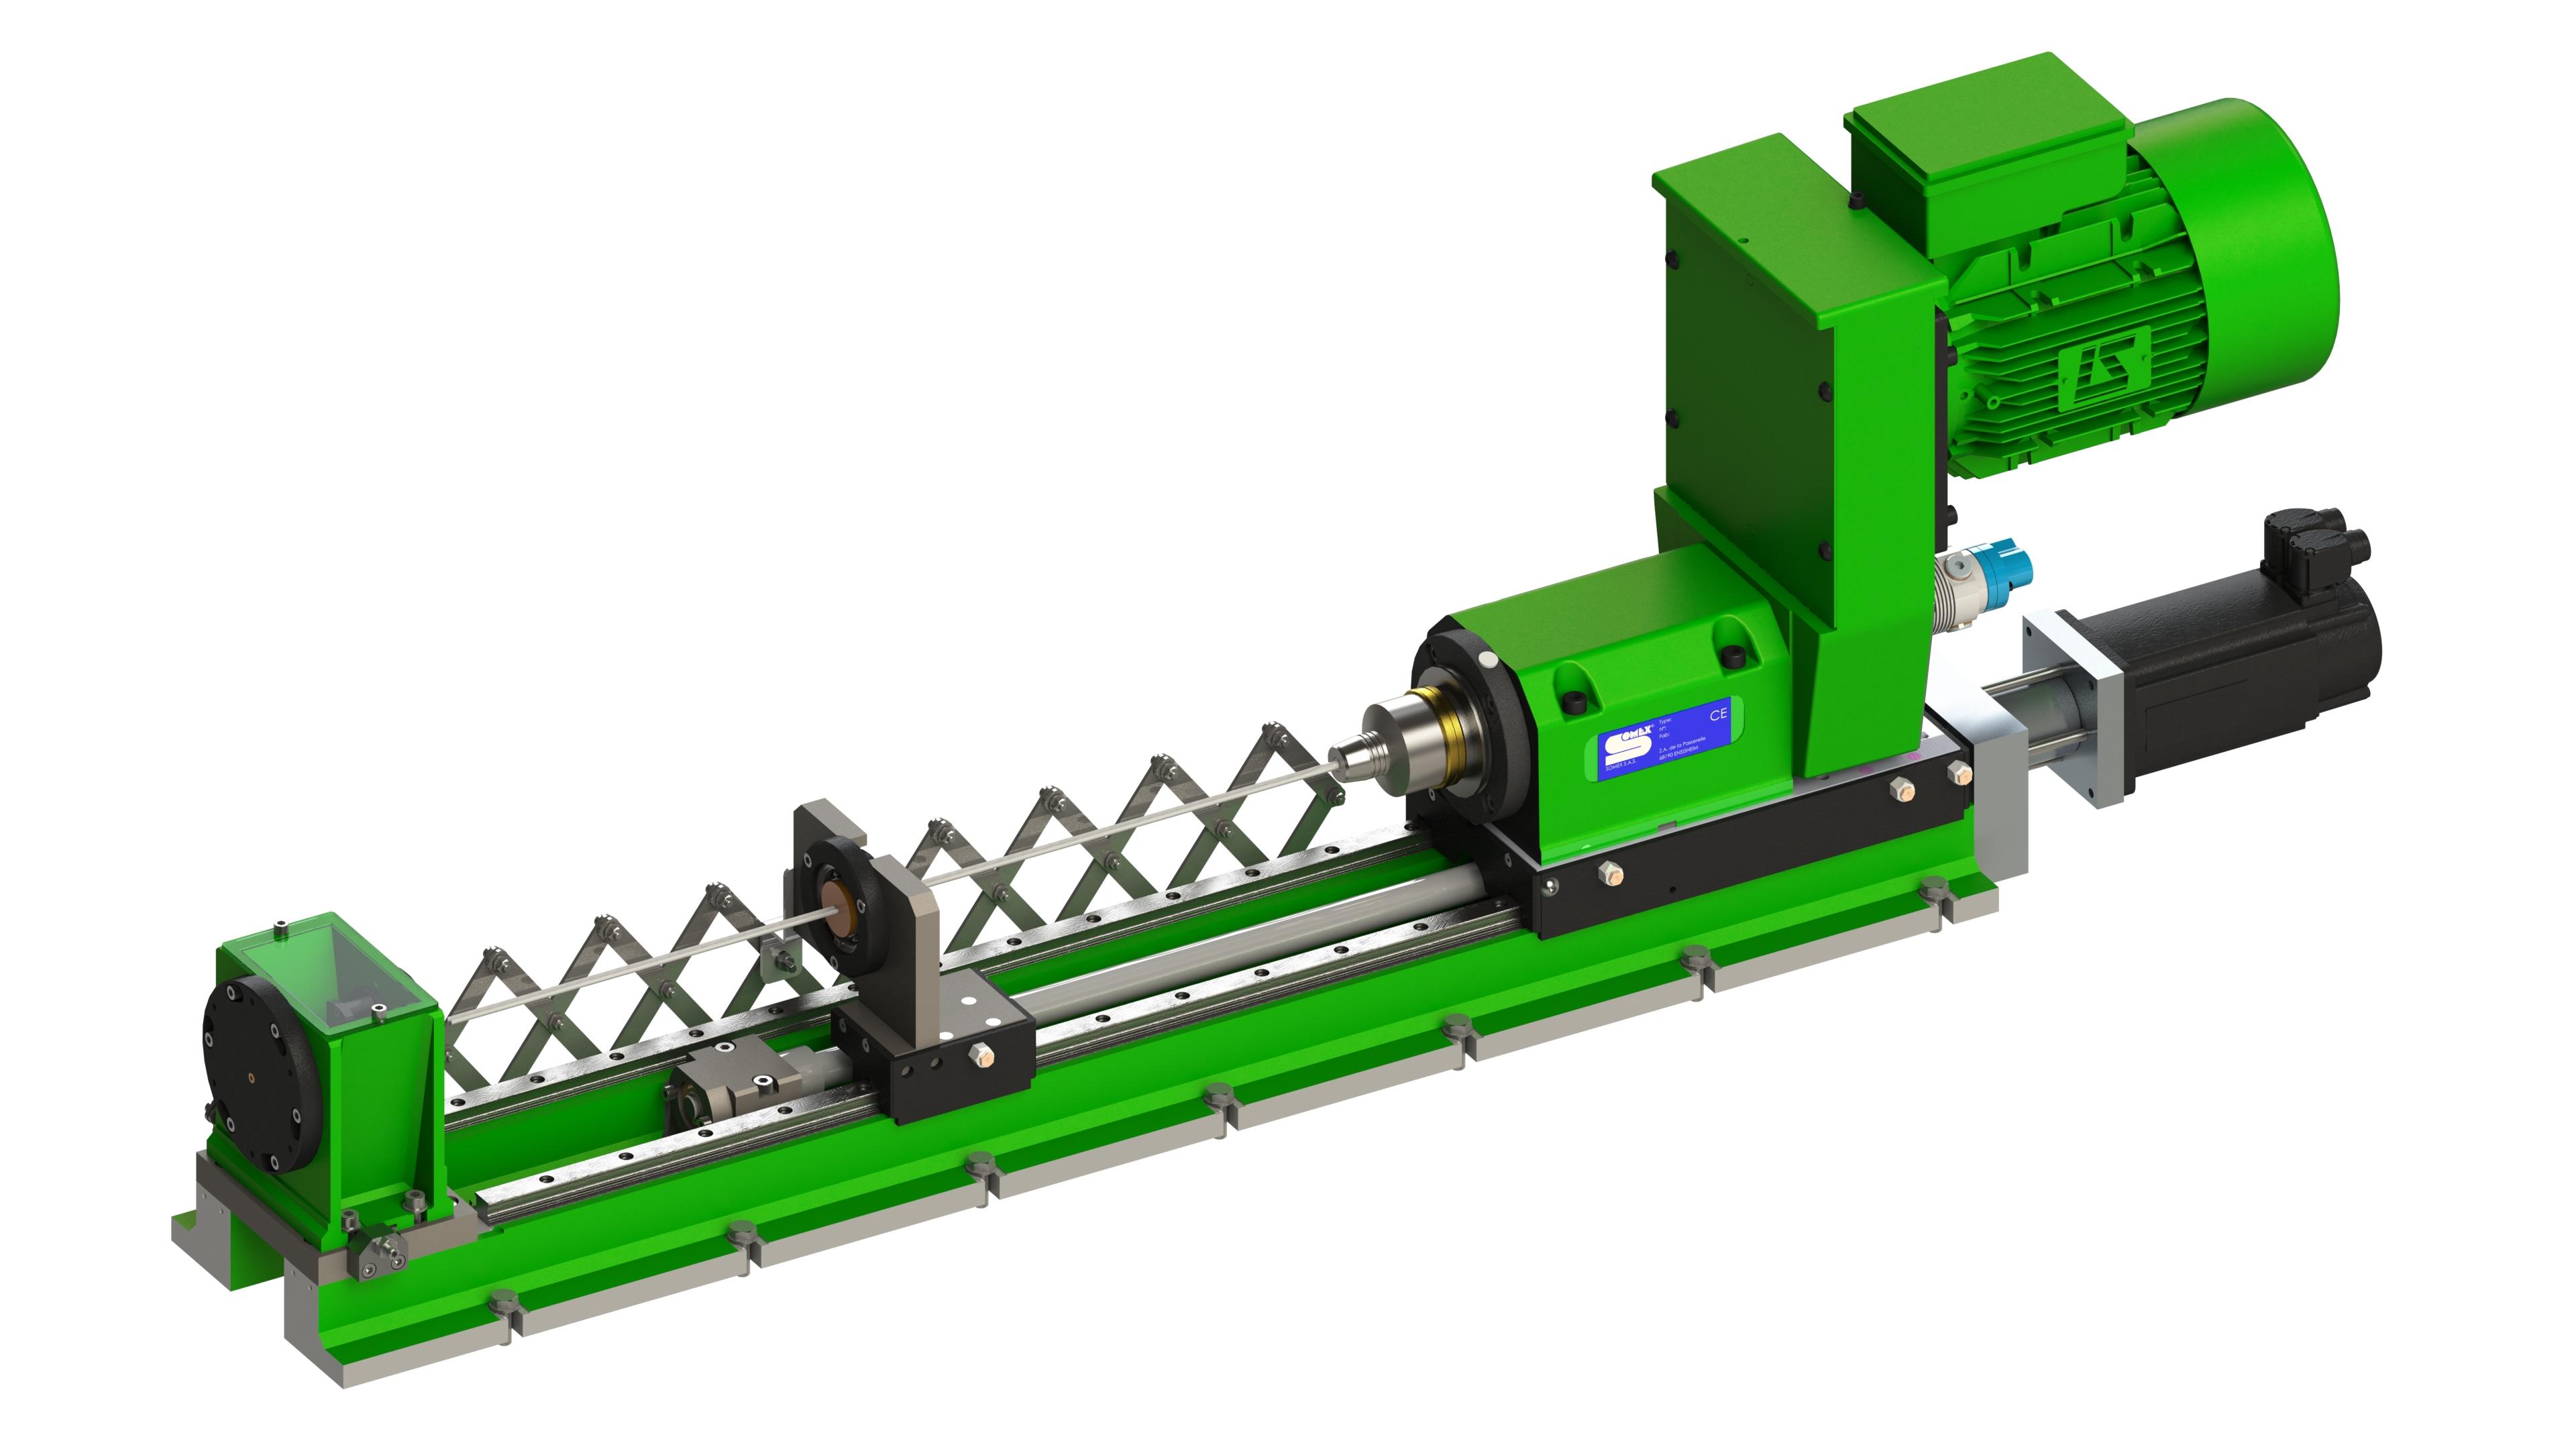 Unité de perçage profond Capacité de Ø6 à Ø12 mm dans acier 600N/mm² Profondeur de perçage ≤ 40xD, 5...